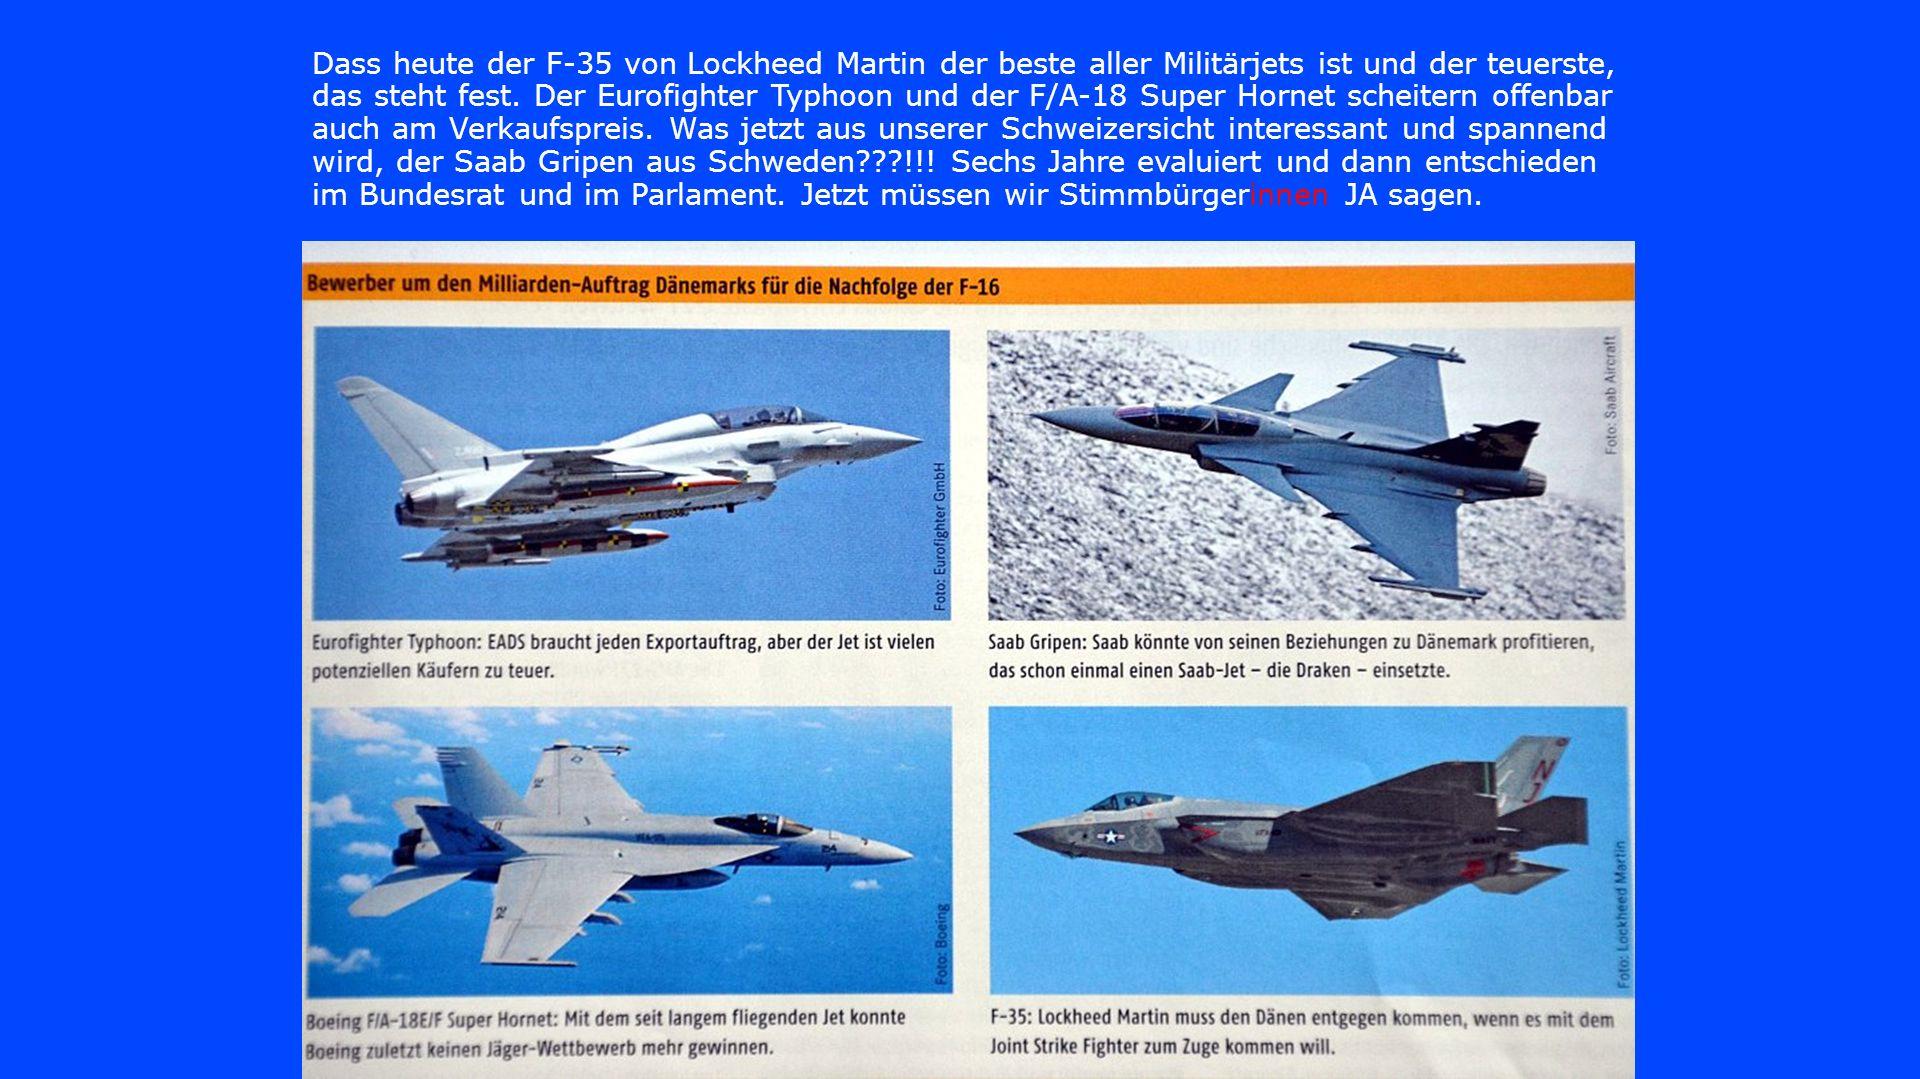 Dass heute der F-35 von Lockheed Martin der beste aller Militärjets ist und der teuerste, das steht fest.